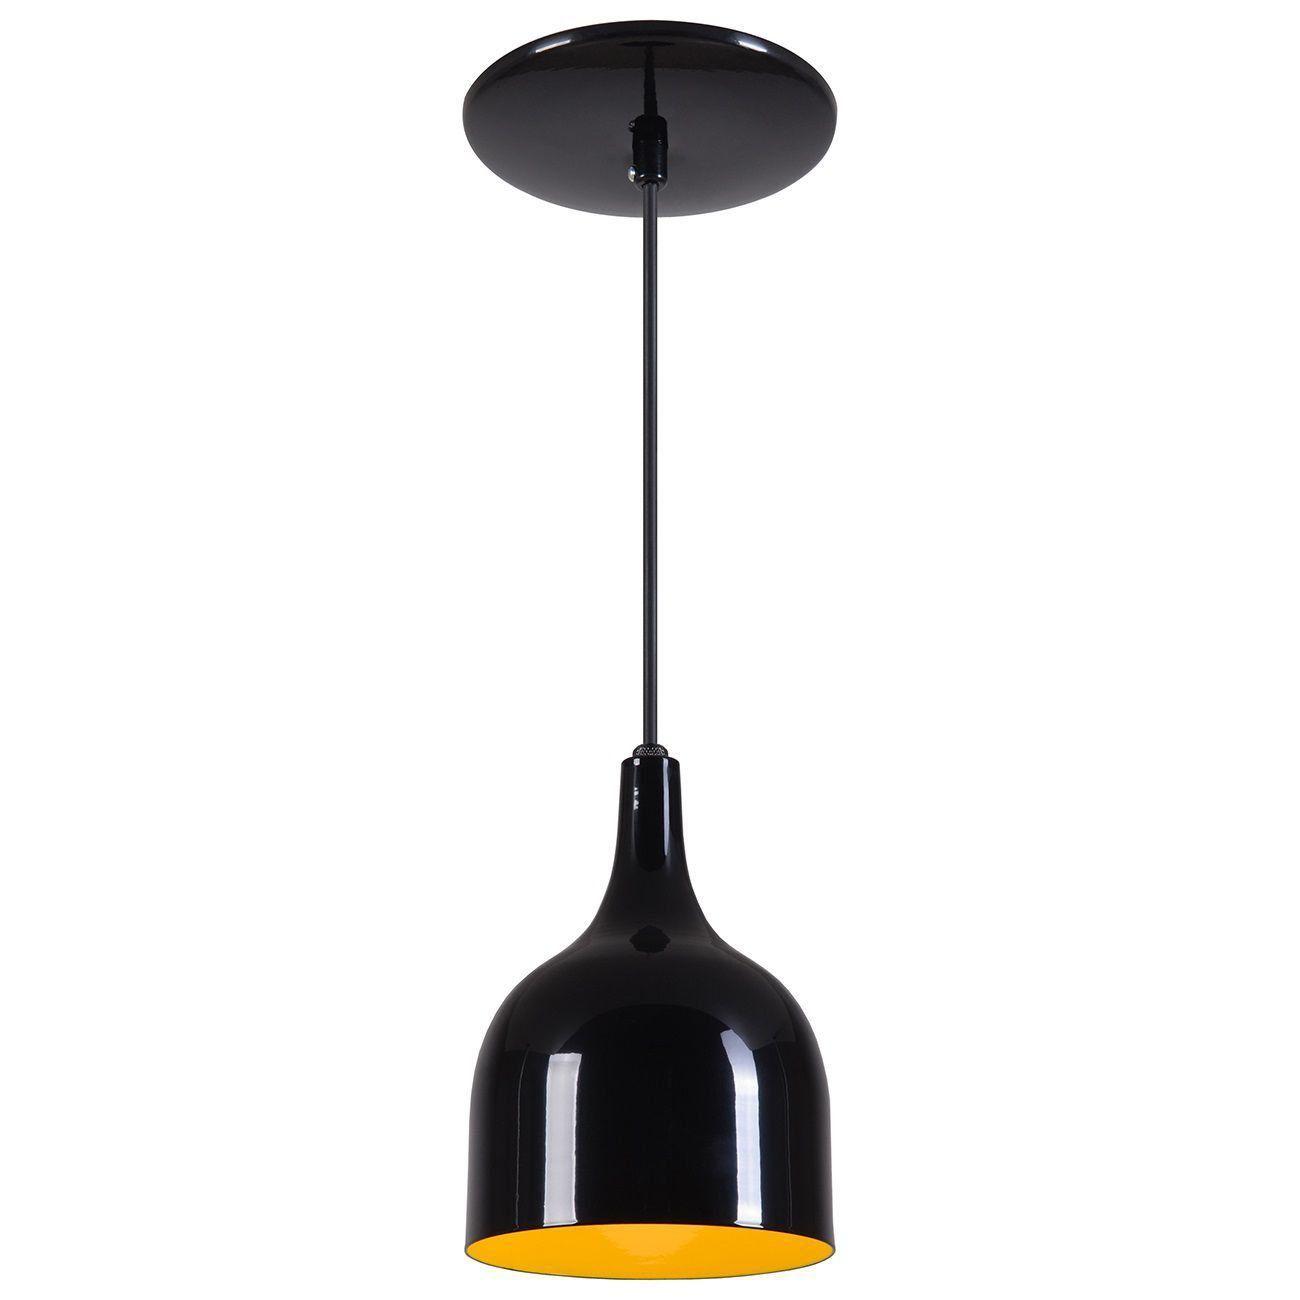 Pendente Gota Teat Luminária Lustre Alumínio Preto Brilhante C/ Amarelo - Rei Da Iluminação